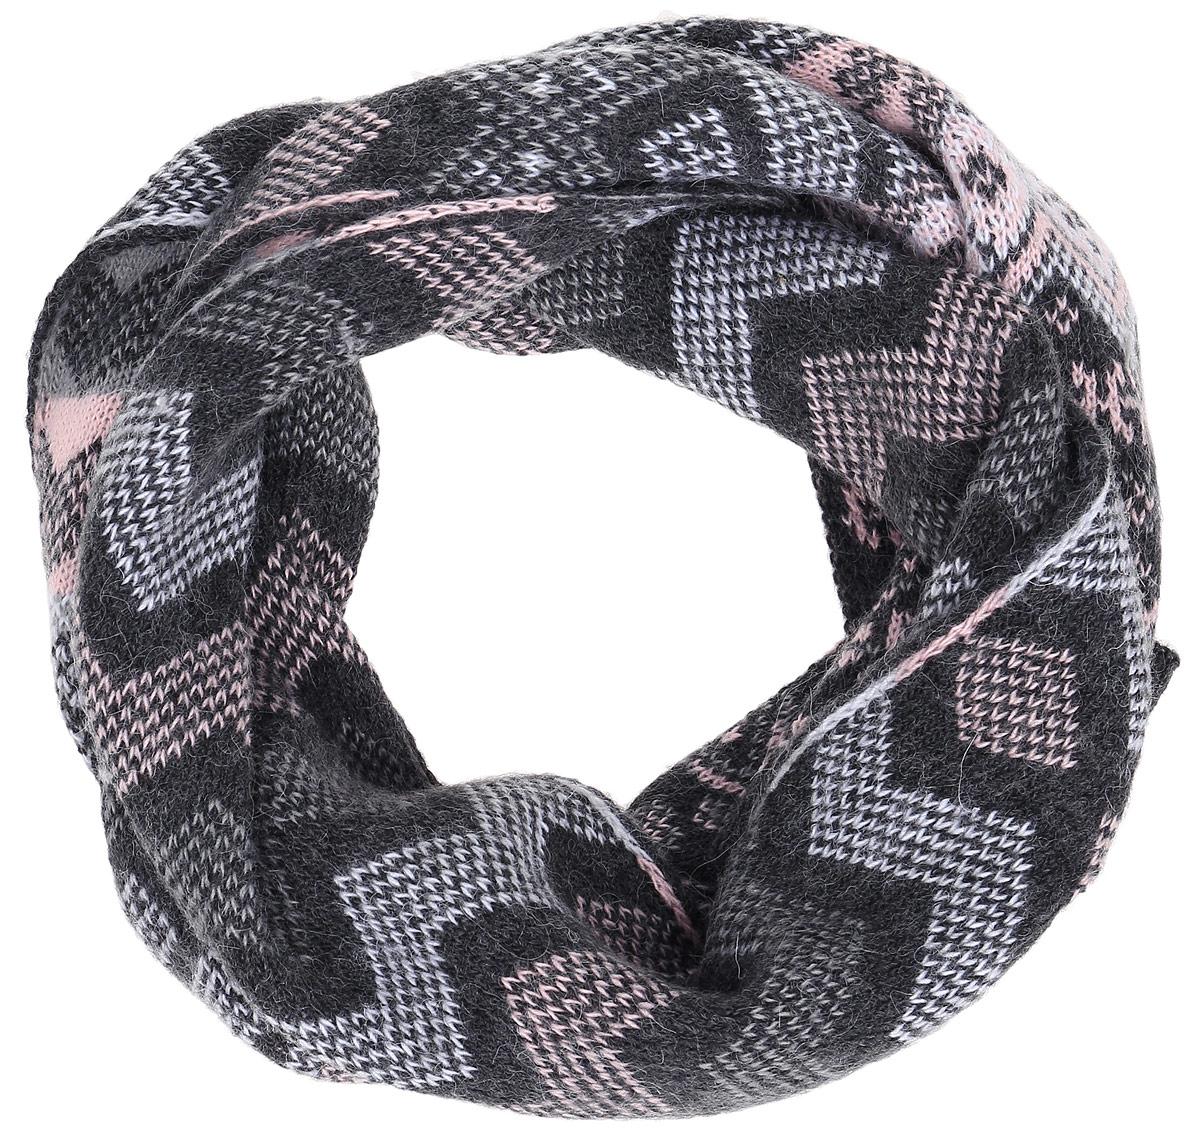 Шарф женский Finn Flare, цвет: темно-серый, серый, розовый. A16-12137_204. Размер 164 см х 22 смA16-12137_204Женский шарф Finn Flare станет отличным дополнением к вашему гардеробу в холодную погоду. Шарф, выполненный из шерсти с добавлением акрила, очень мягкий, теплый и приятный на ощупь. Модель оформлена вязаным орнаментом.Современный дизайн и расцветка делают этот шарф модным и стильным женским аксессуаром. Он подарит вам ощущение тепла, комфорта и уюта.